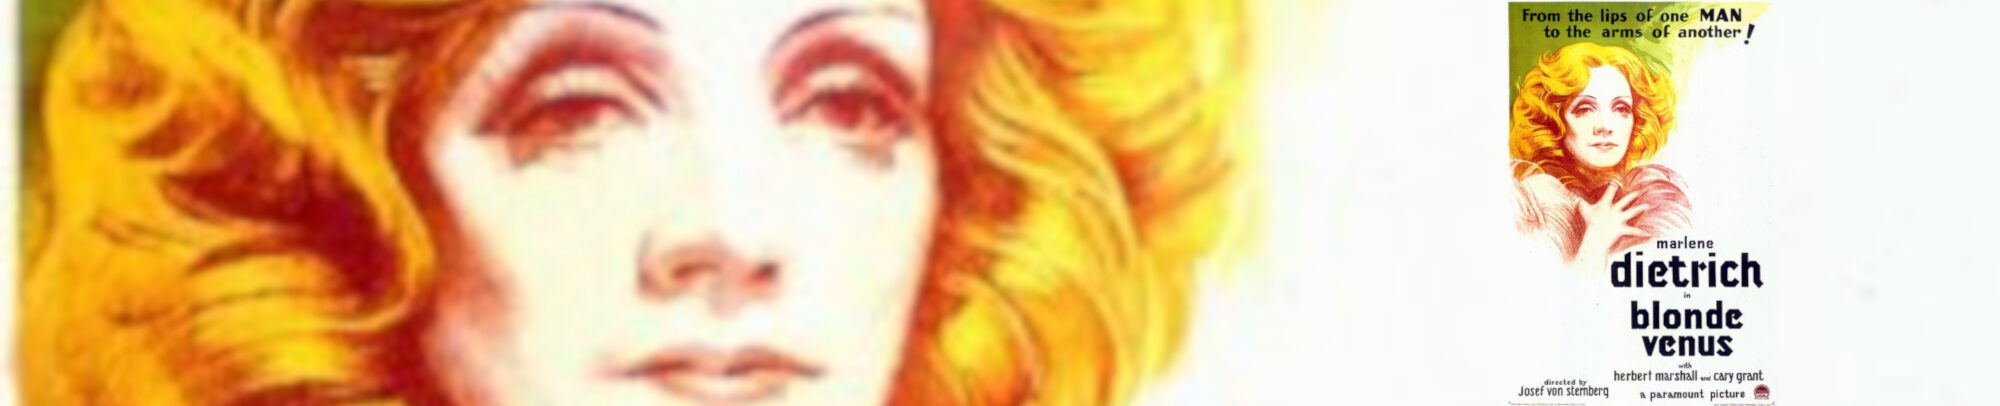 Blonde Venus Banner